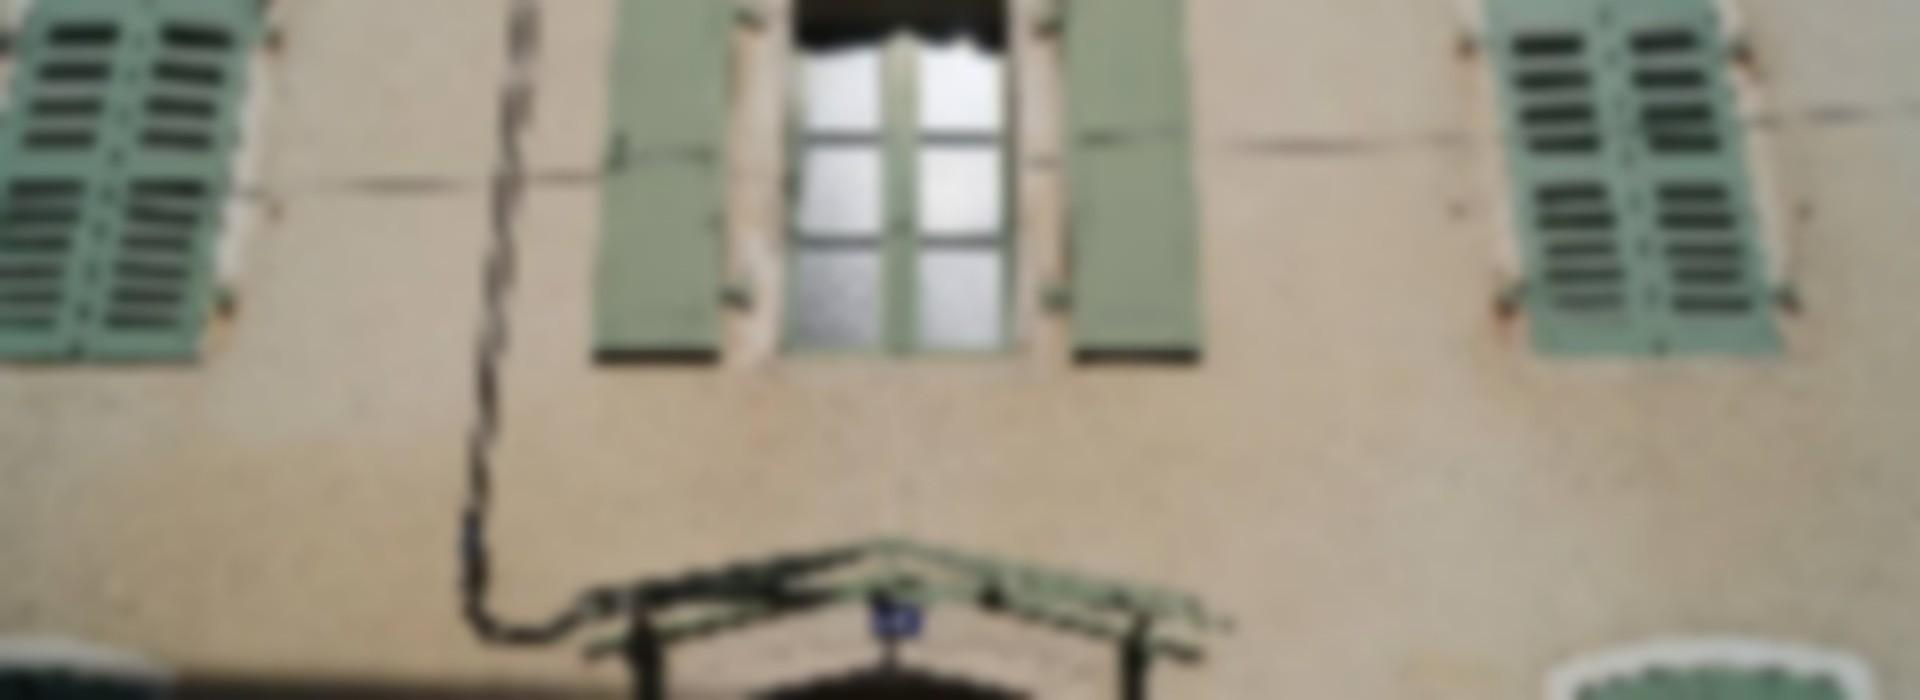 Maison privee maison privee with maison privee for Antiquite maison privee